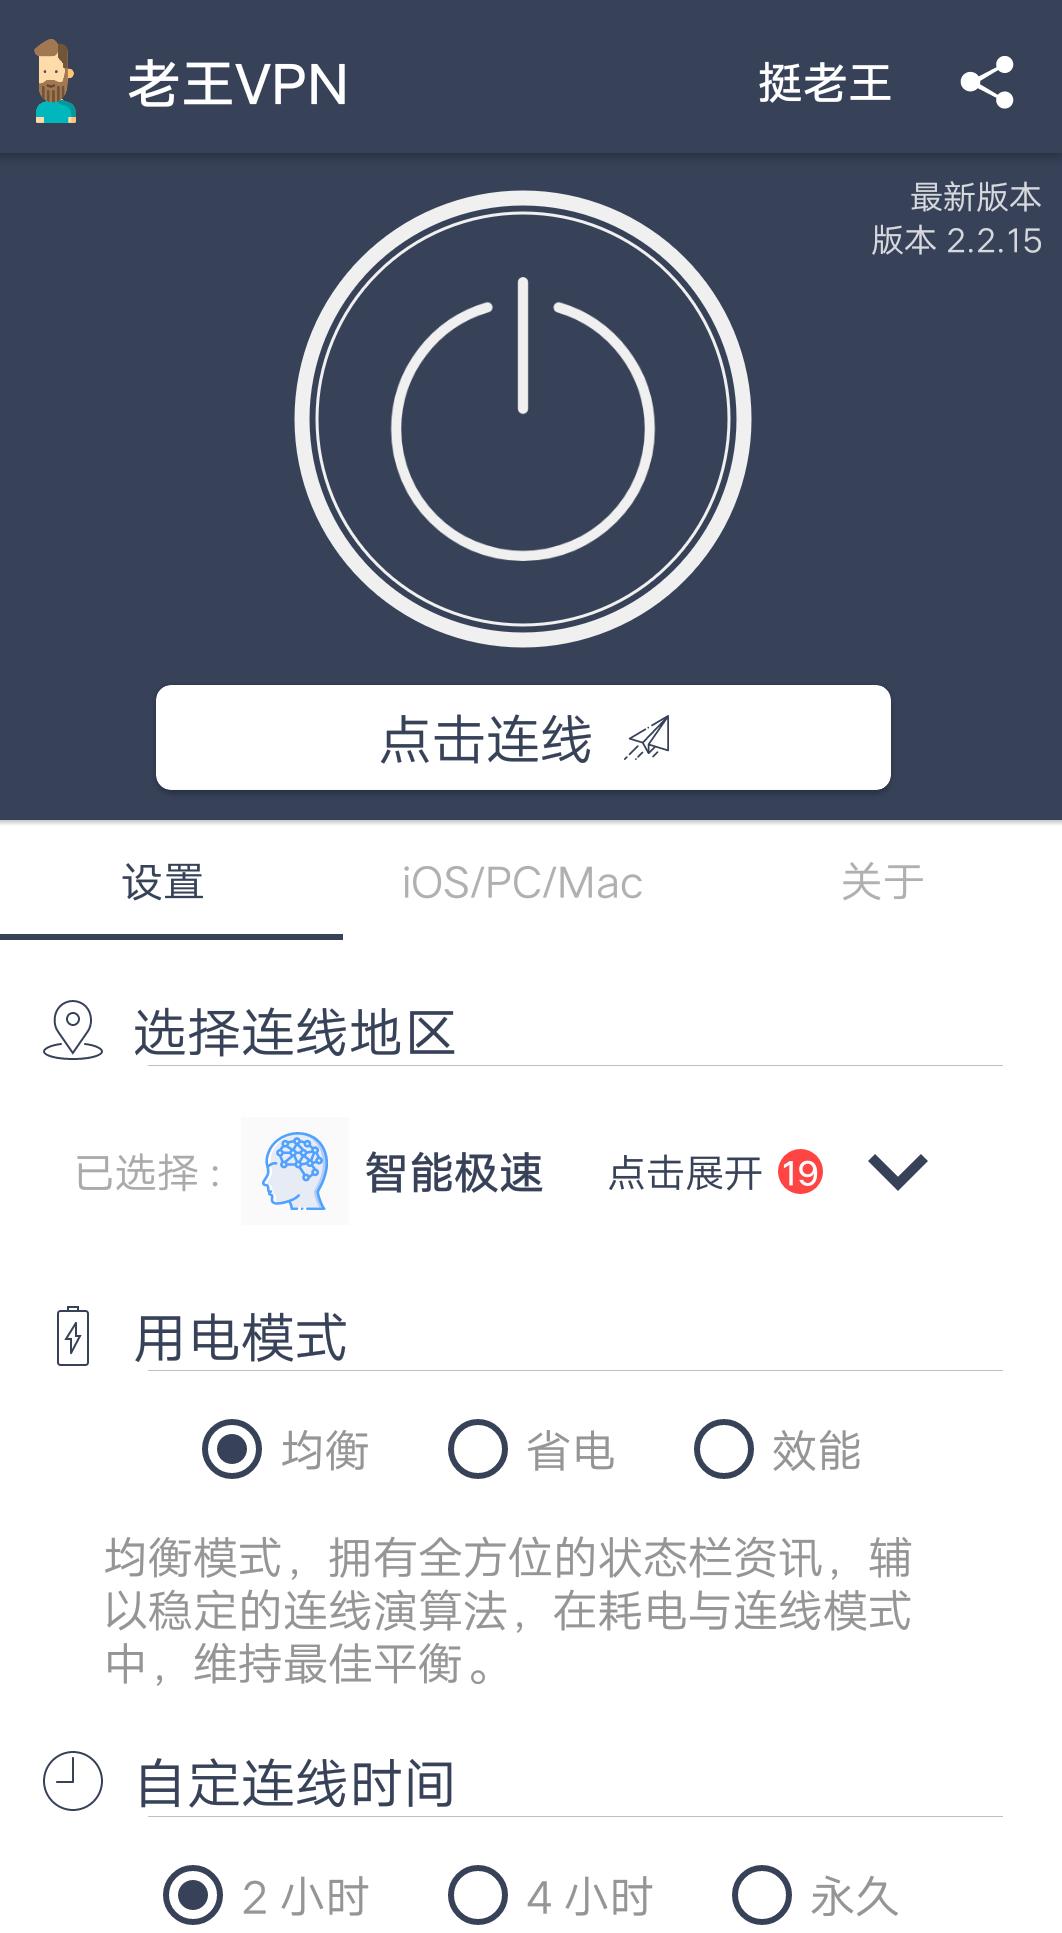 老王VPN2.2.15谷歌市场版_速度超快_永久免费